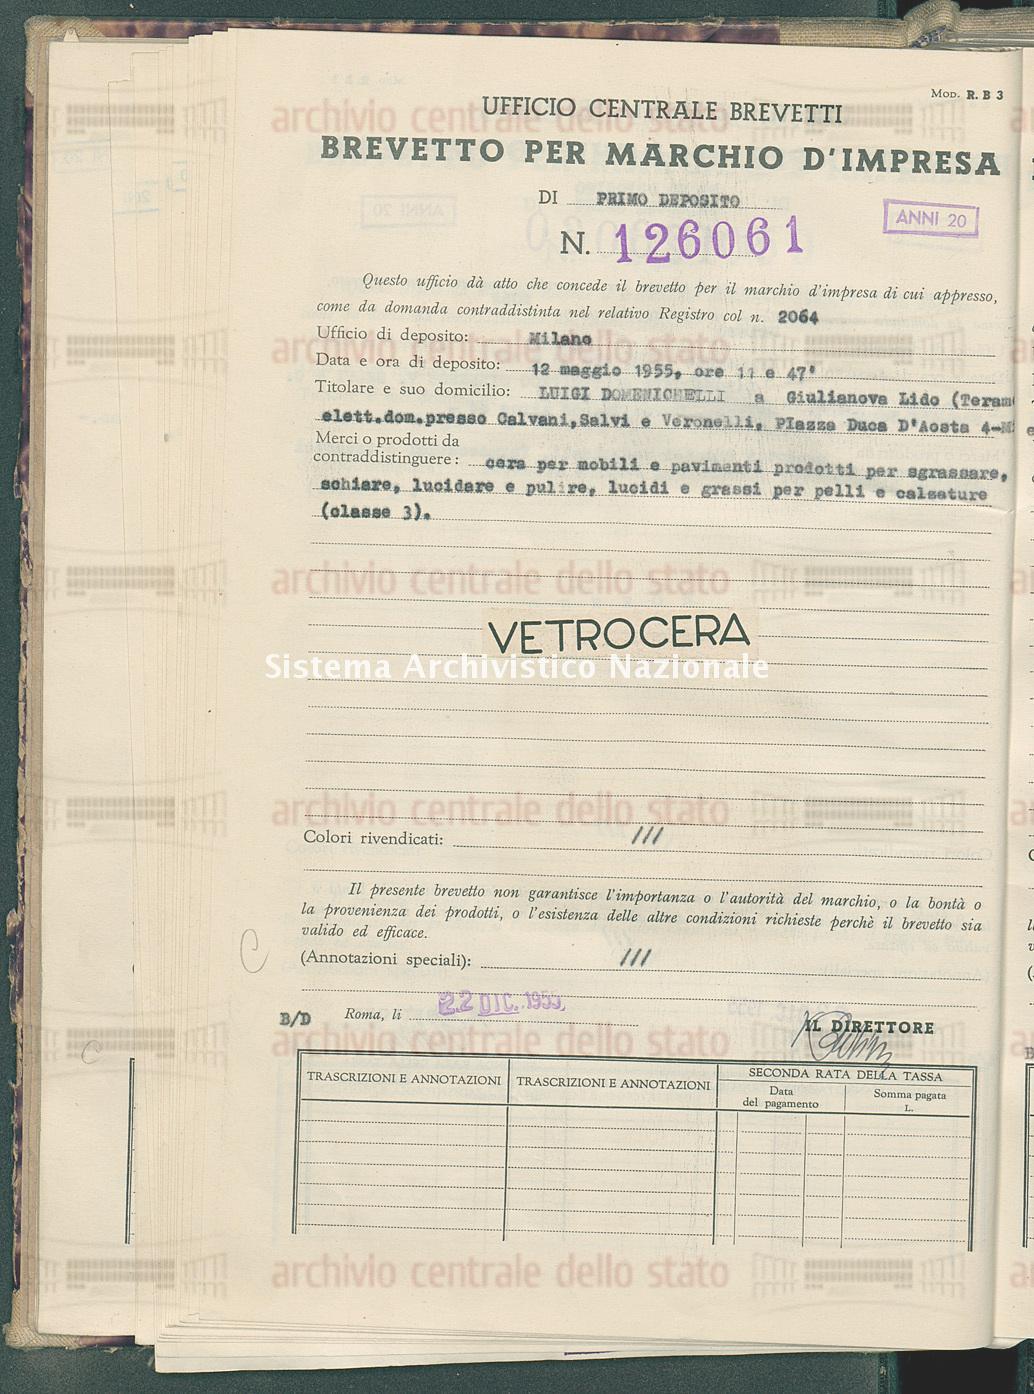 Cera per mobili e pavimenti prodotti ecc. Luigi Domenichelli (22/12/1955)